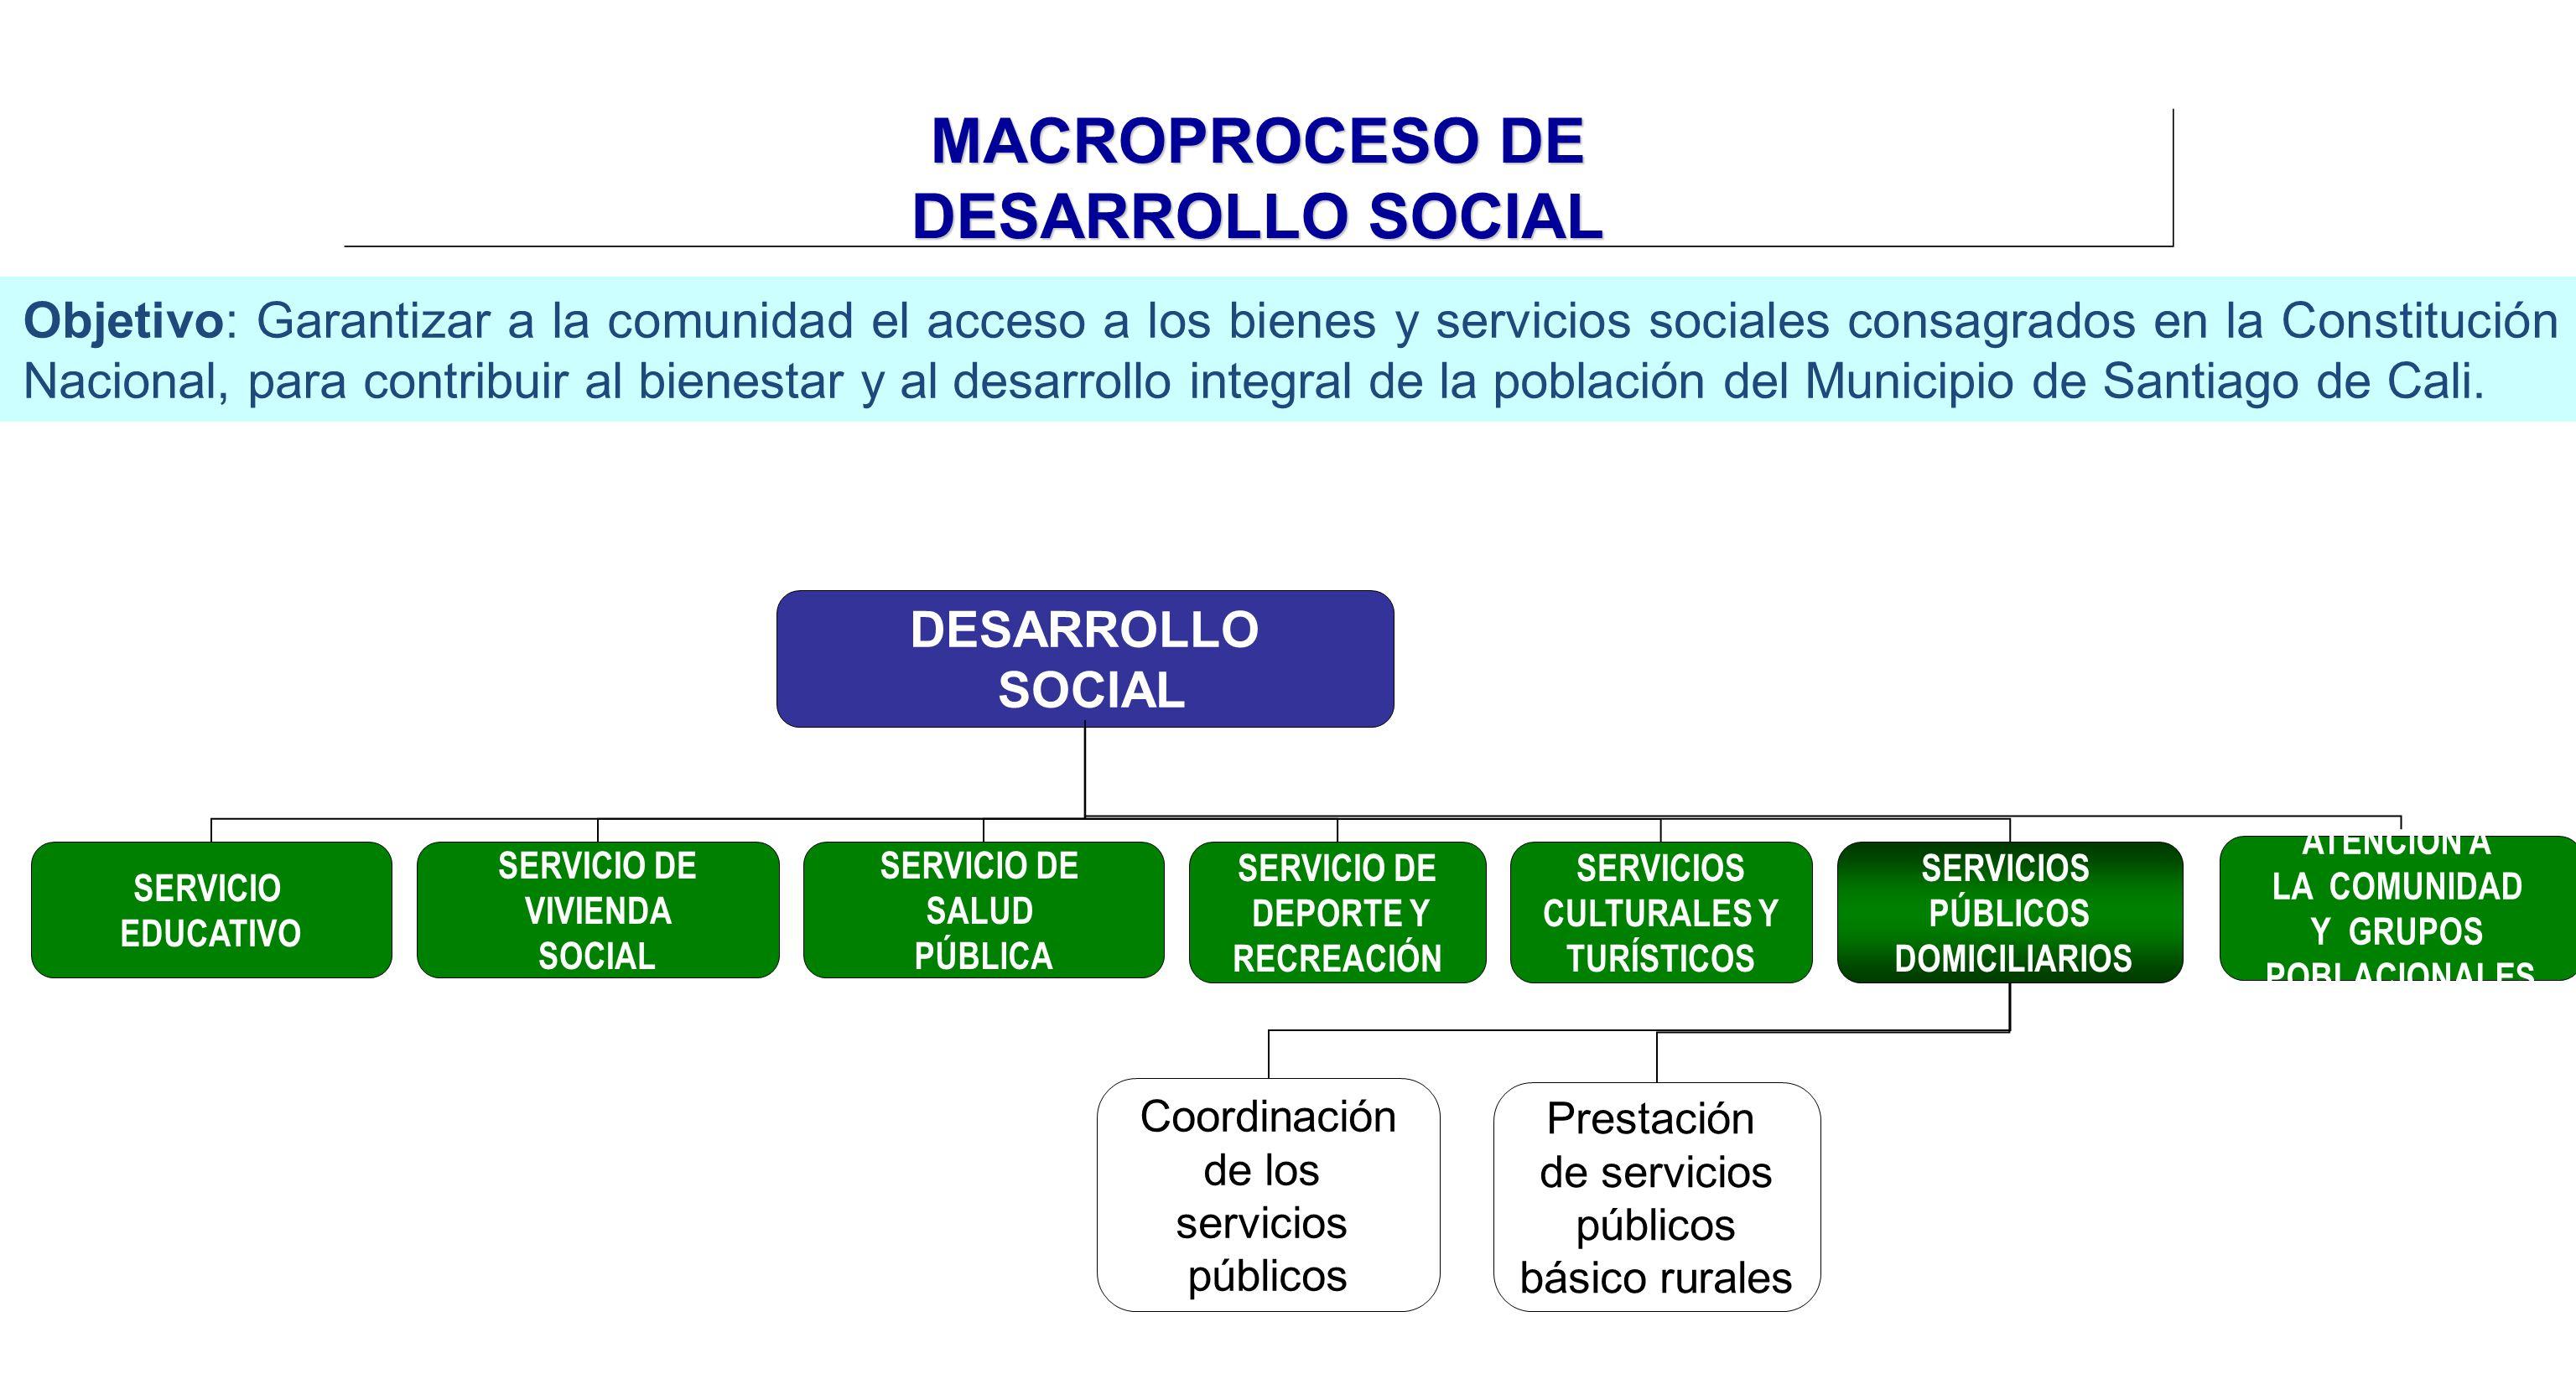 MACROPROCESO DE DESARROLLO SOCIAL Objetivo: Garantizar a la comunidad el acceso a los bienes y servicios sociales consagrados en la Constitución Nacio